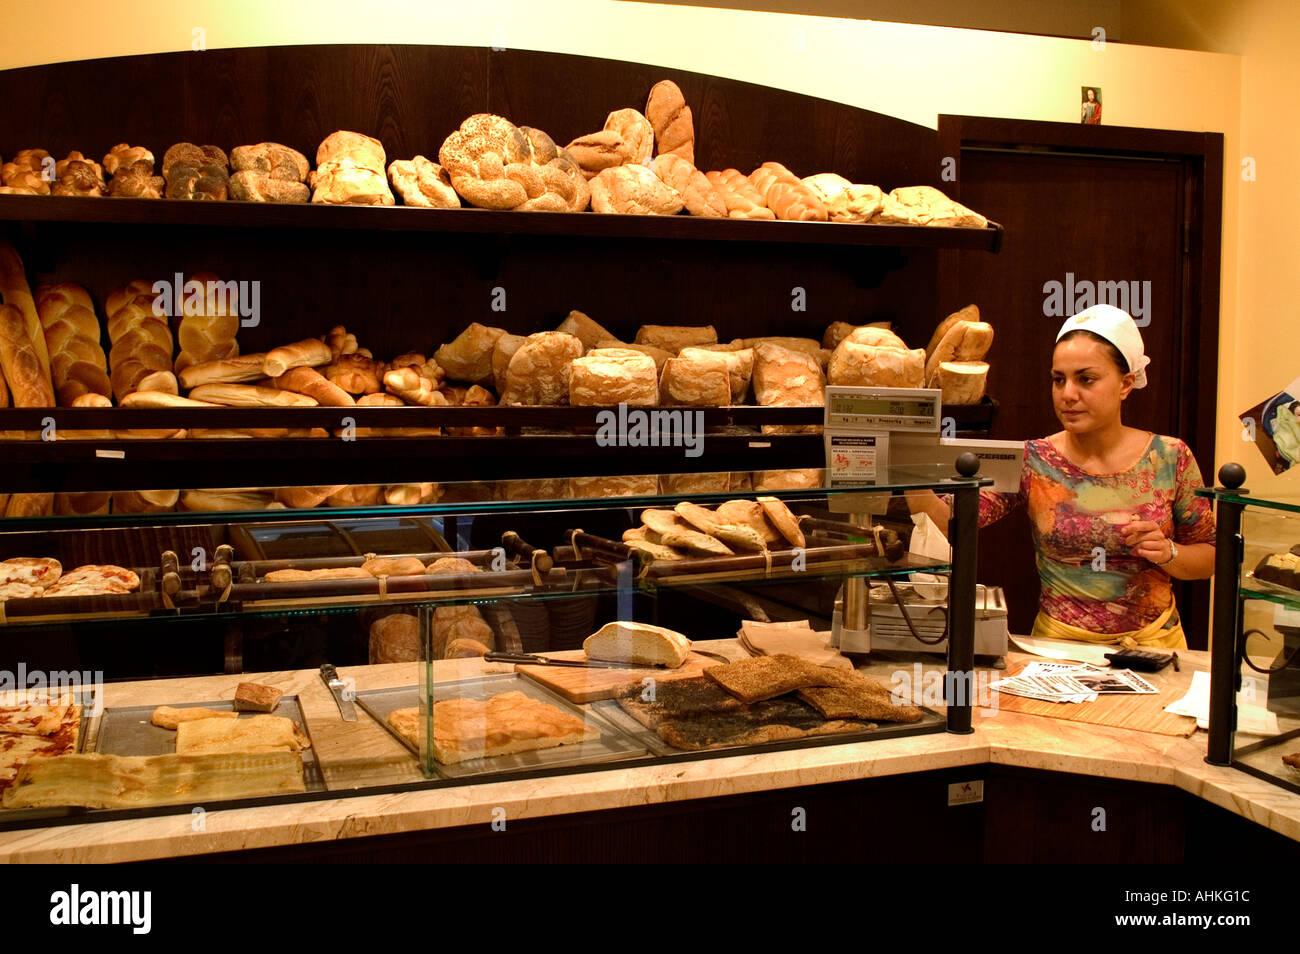 Italy Baker Bakery Bread Tuscany Bake House Italian Stock